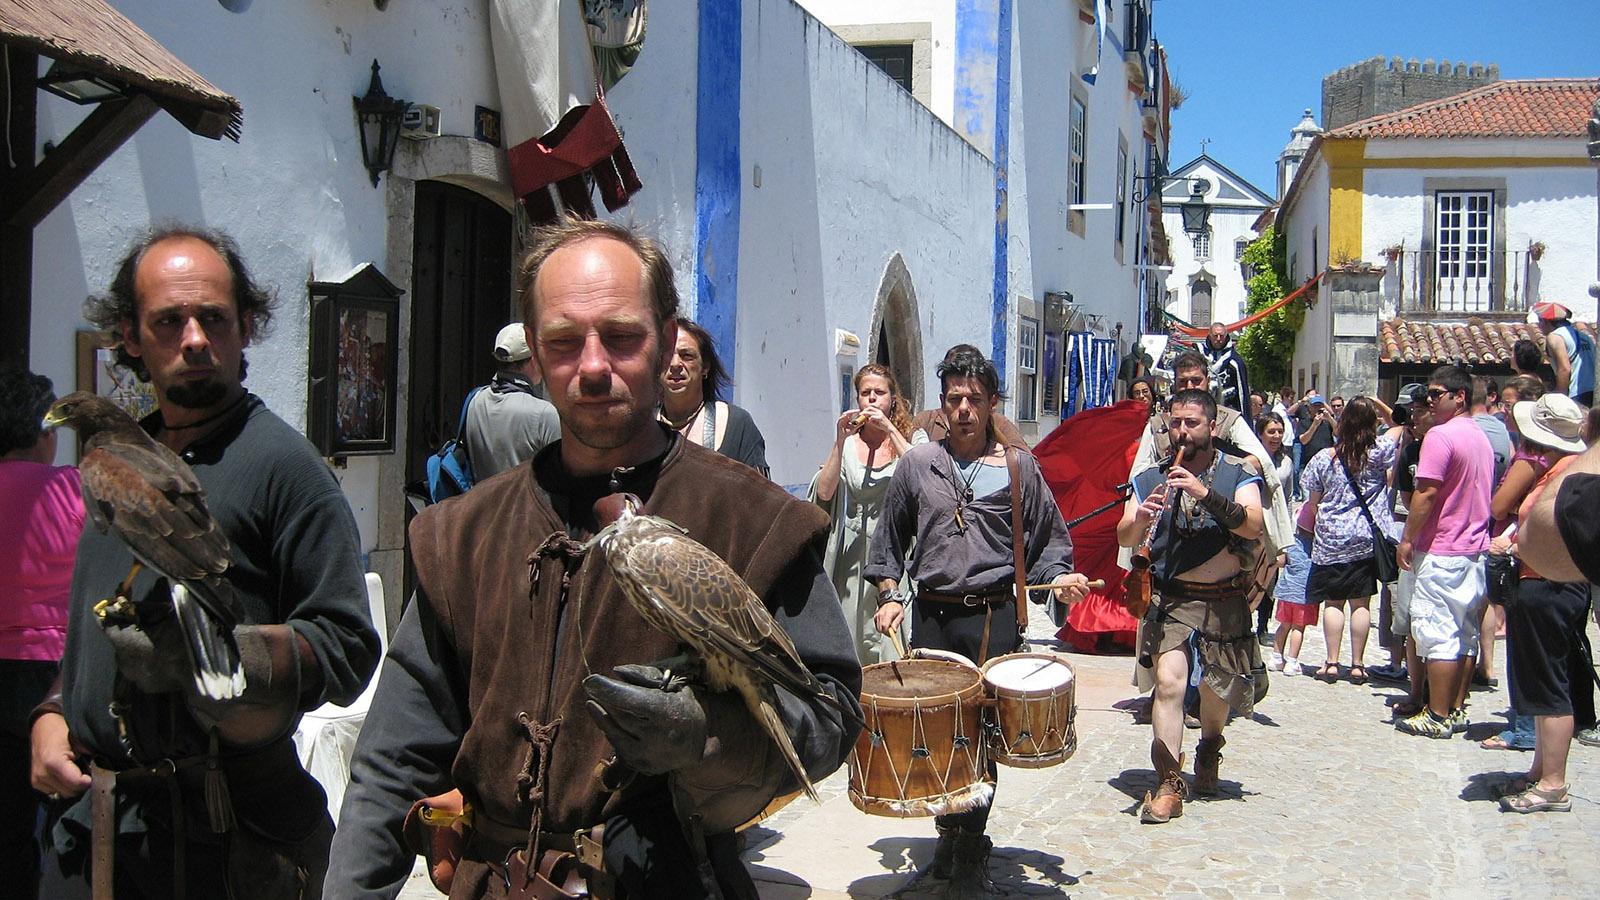 Portogallo fiera popolare Obidos